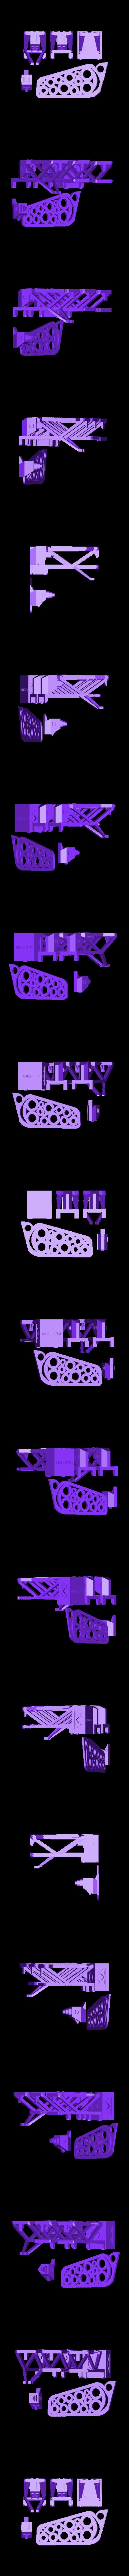 Bisj_stack_final.stl Download free STL file Stackable Bisj Anchestral Sculpture • 3D print template, Slagerqod